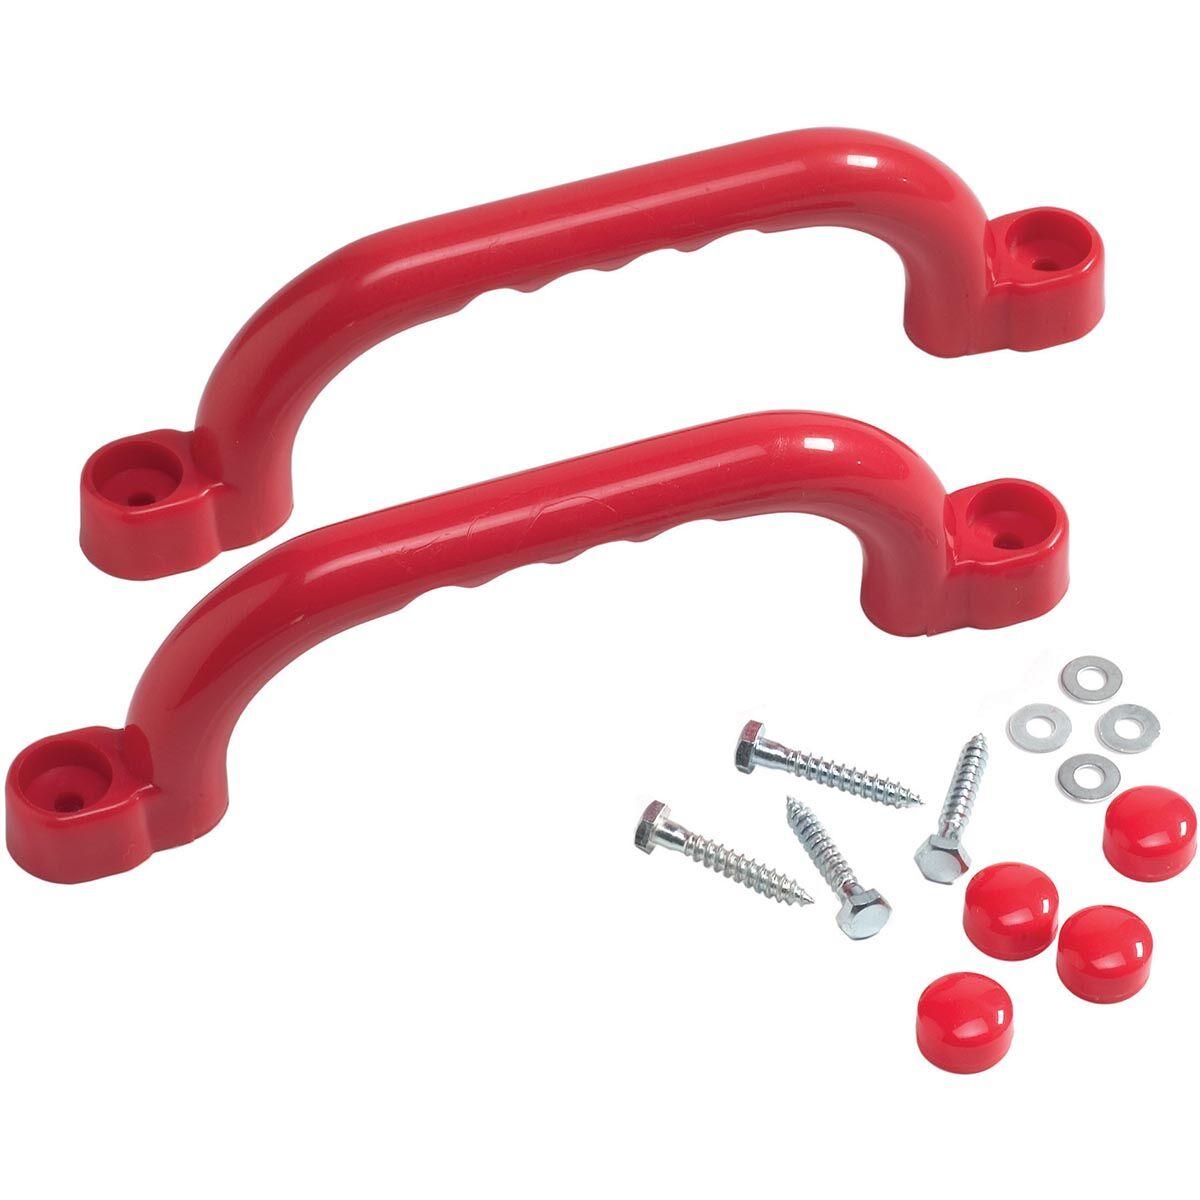 KBT Jeu de poignées en plastique Rouge - Pour Aire de Jeux et Cadres d'Escalade – 250 x 75 mm